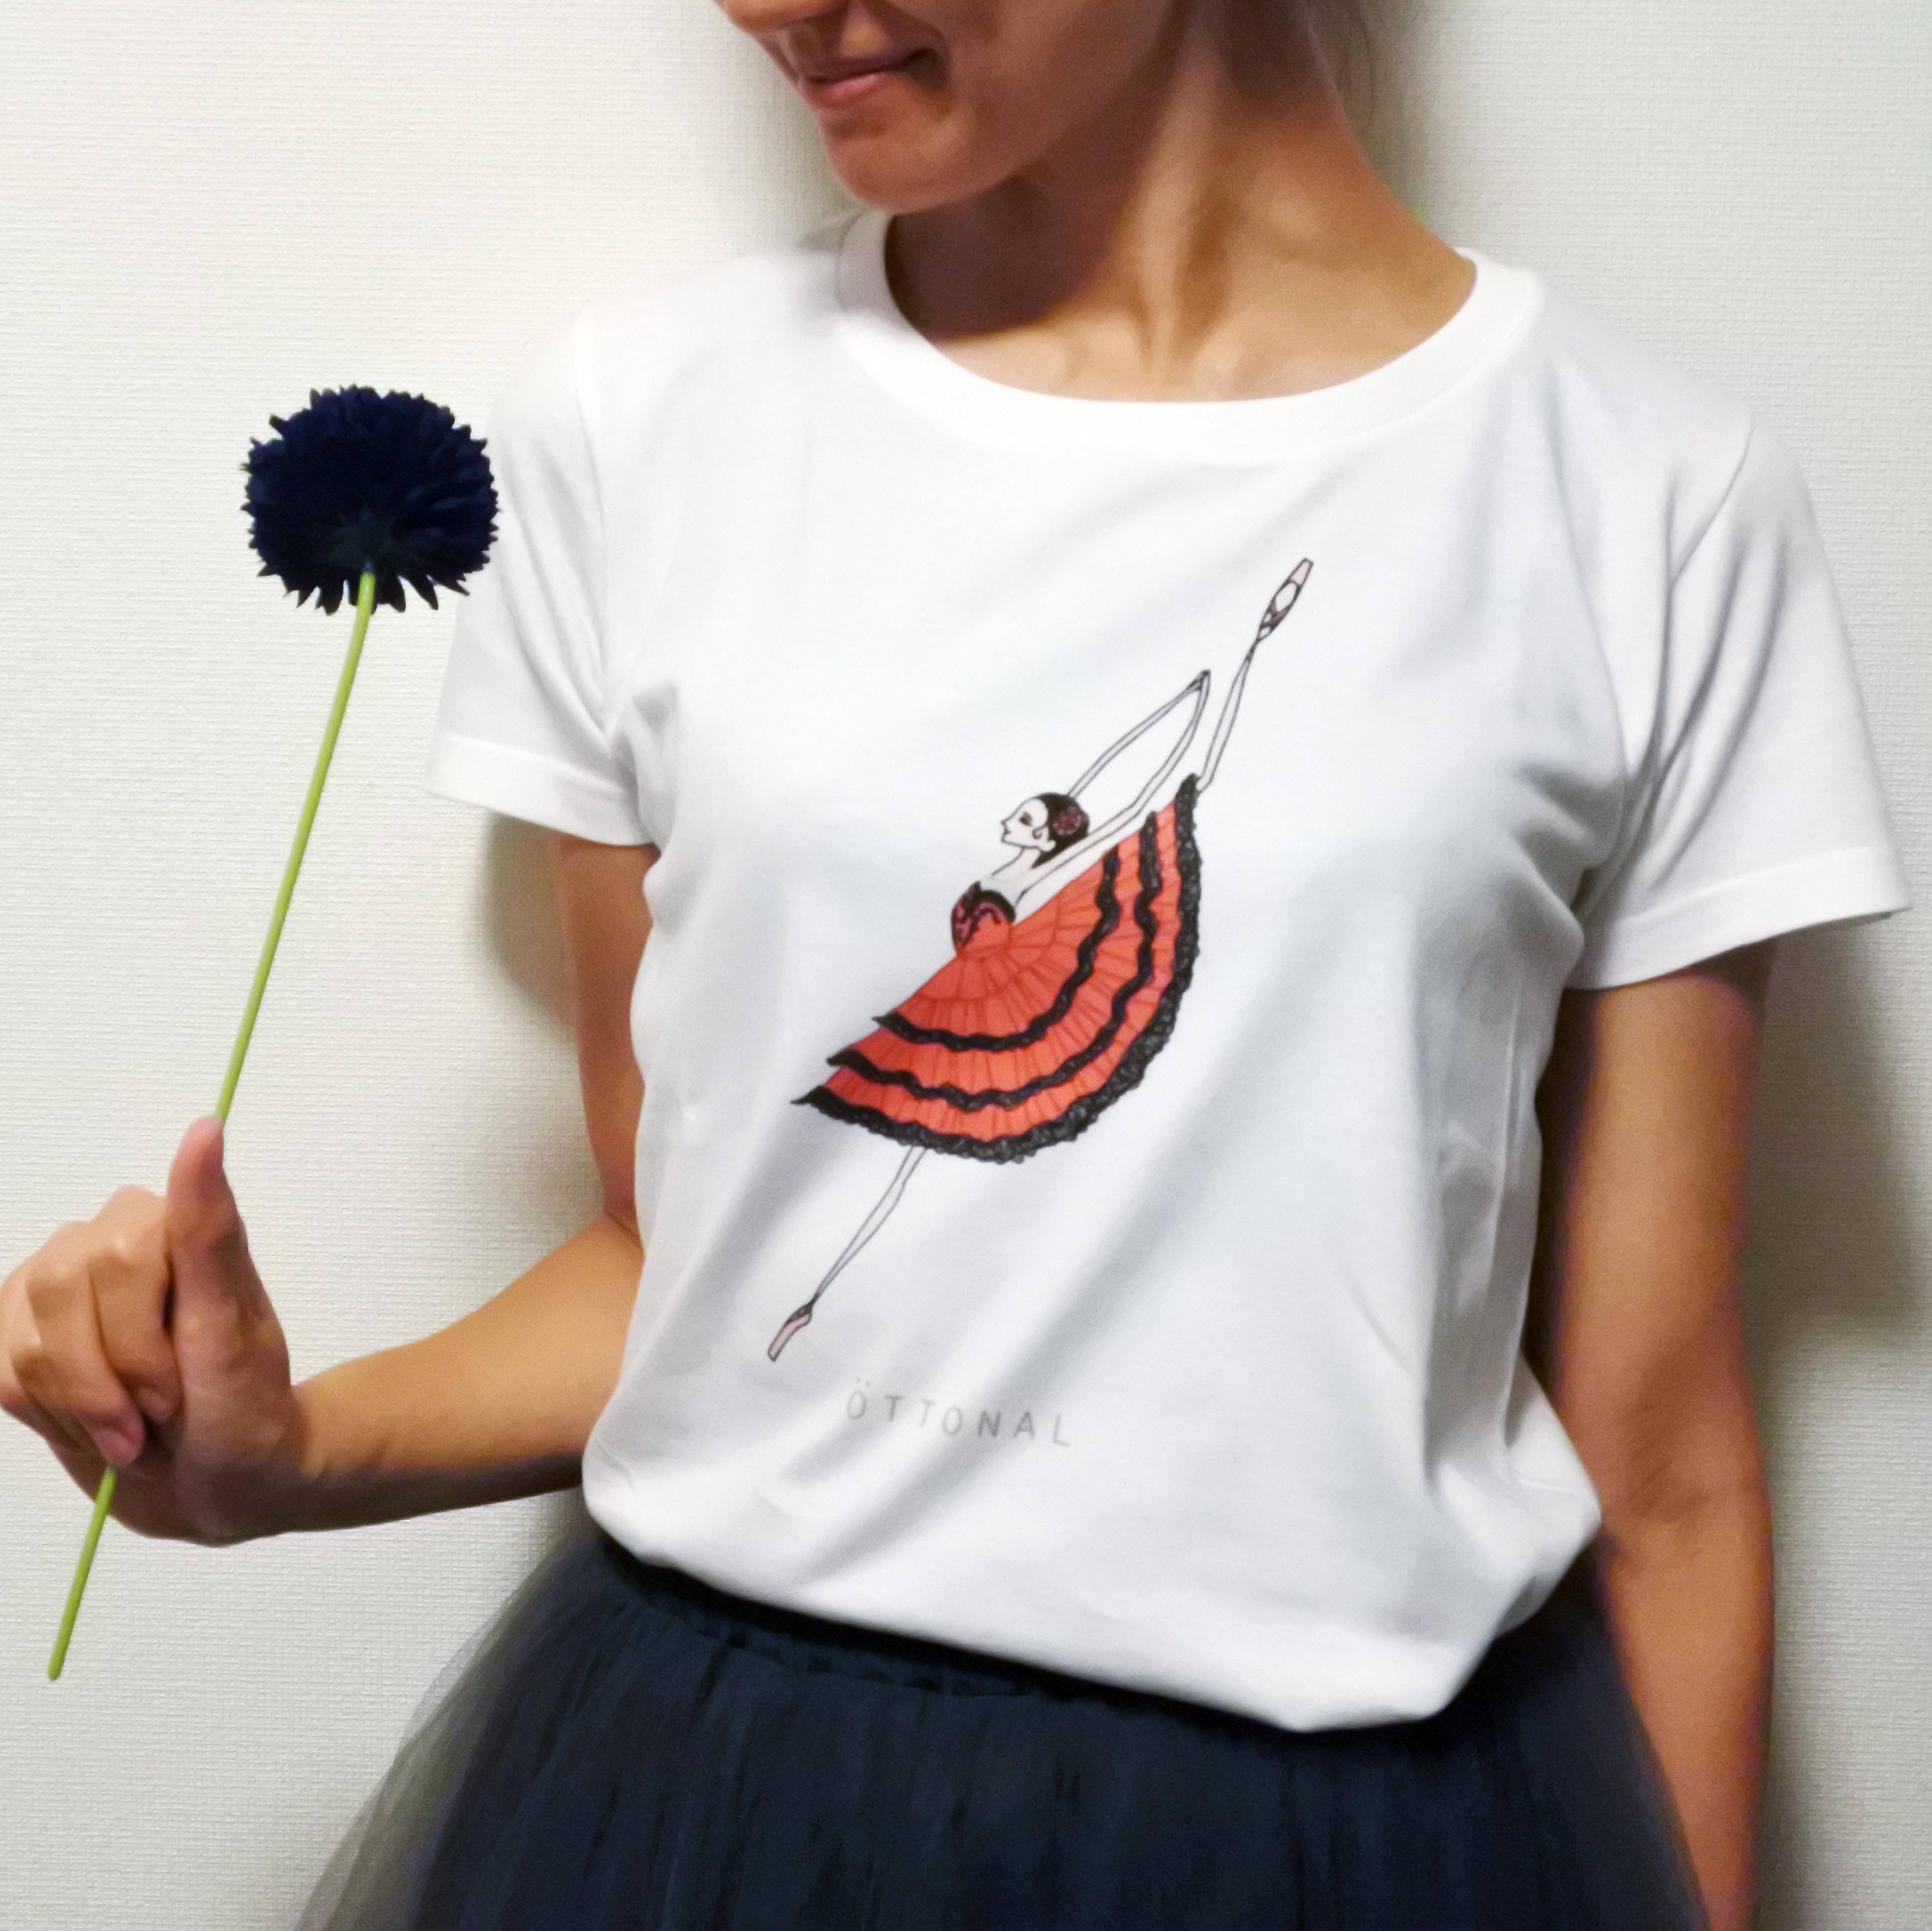 キトリ Tシャツ(レディース) - 画像1